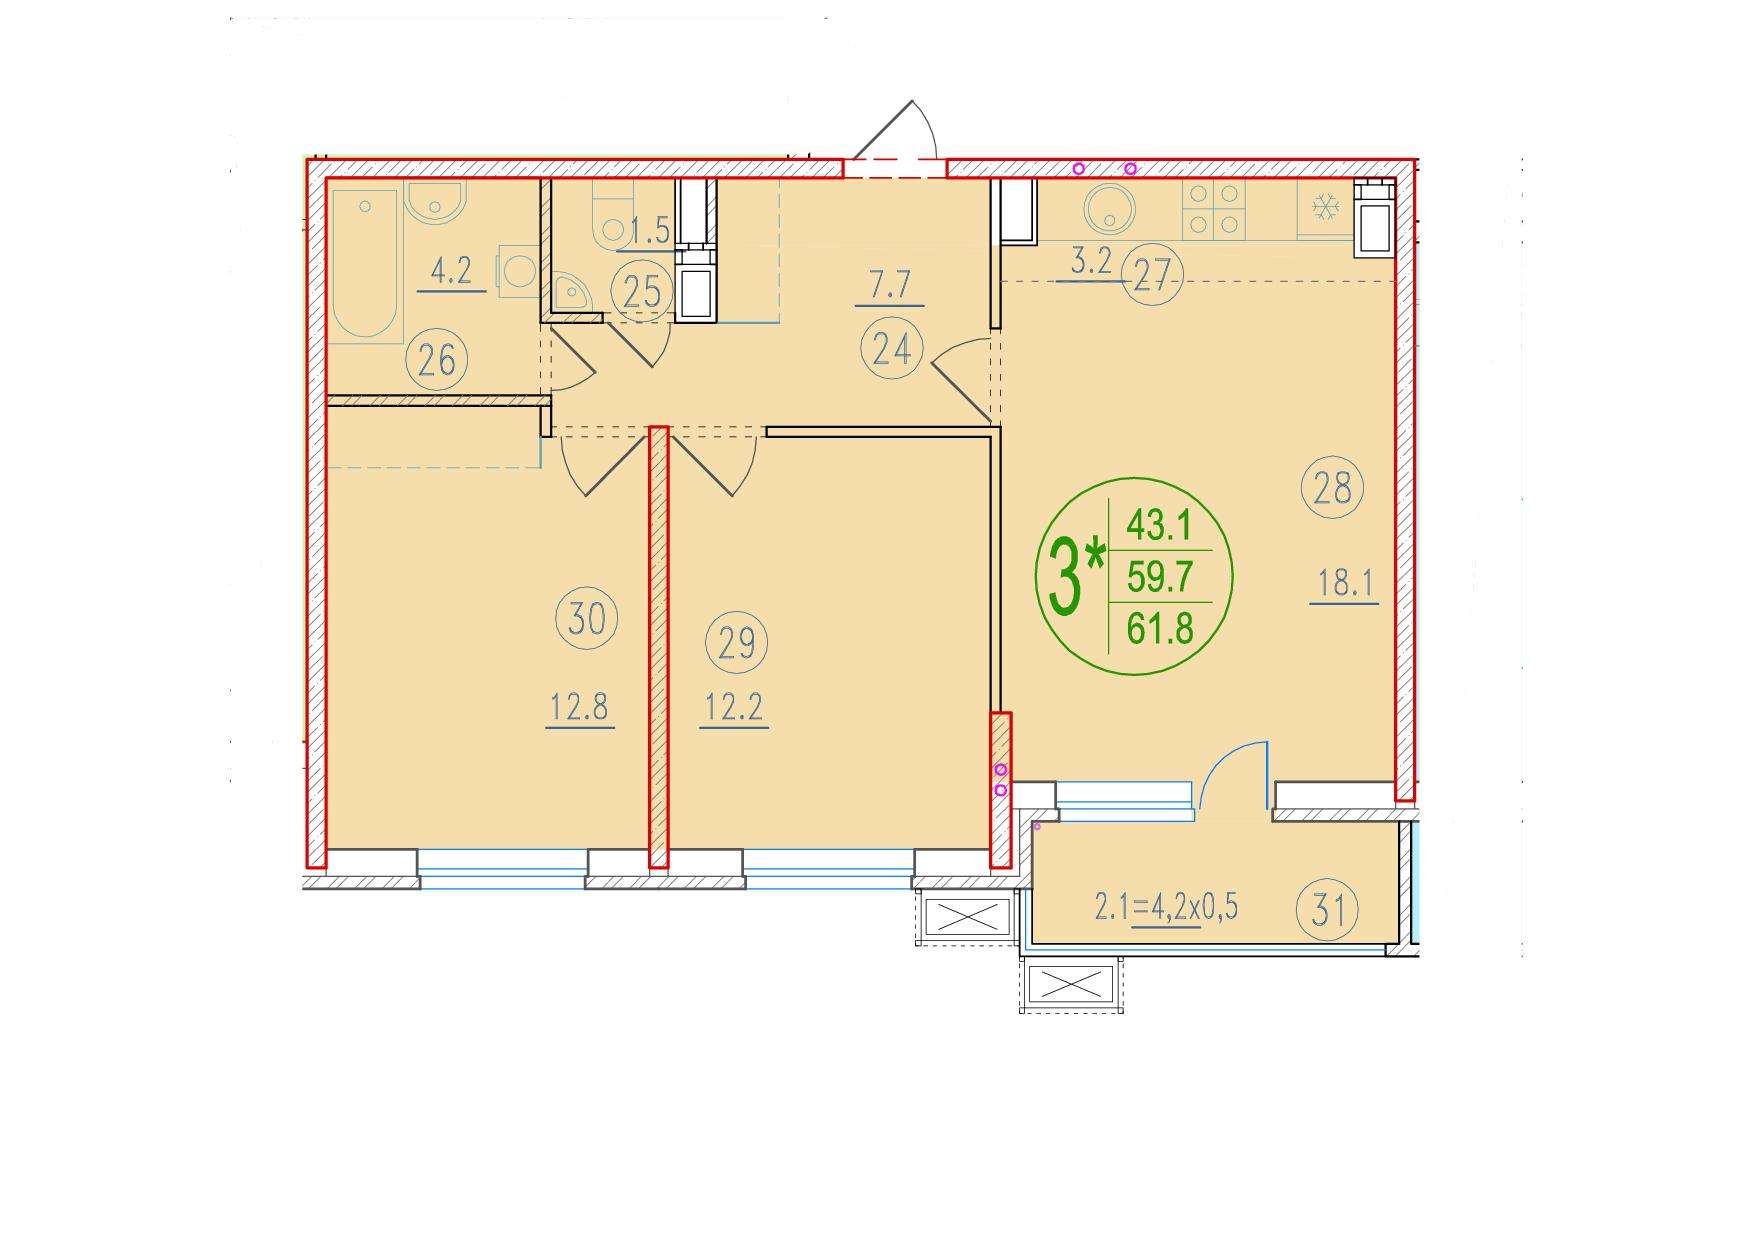 3-комнатная смарт 61.8<span>м<sup>2</sup></span>